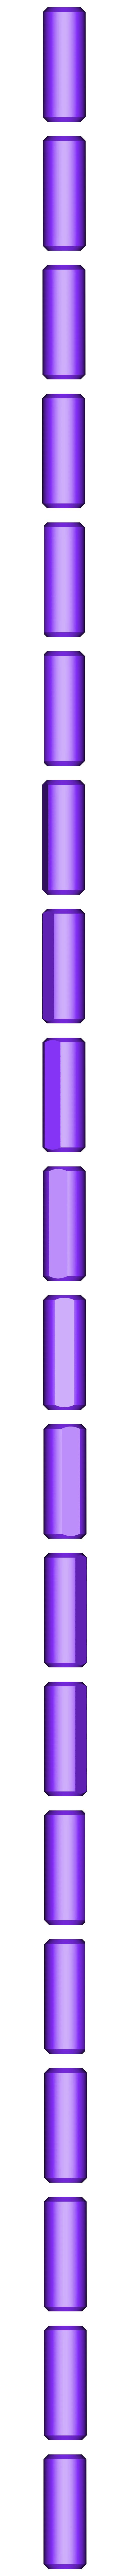 Button_Pin.stl Télécharger fichier STL gratuit Jouet de Noël • Design à imprimer en 3D, Jwoong